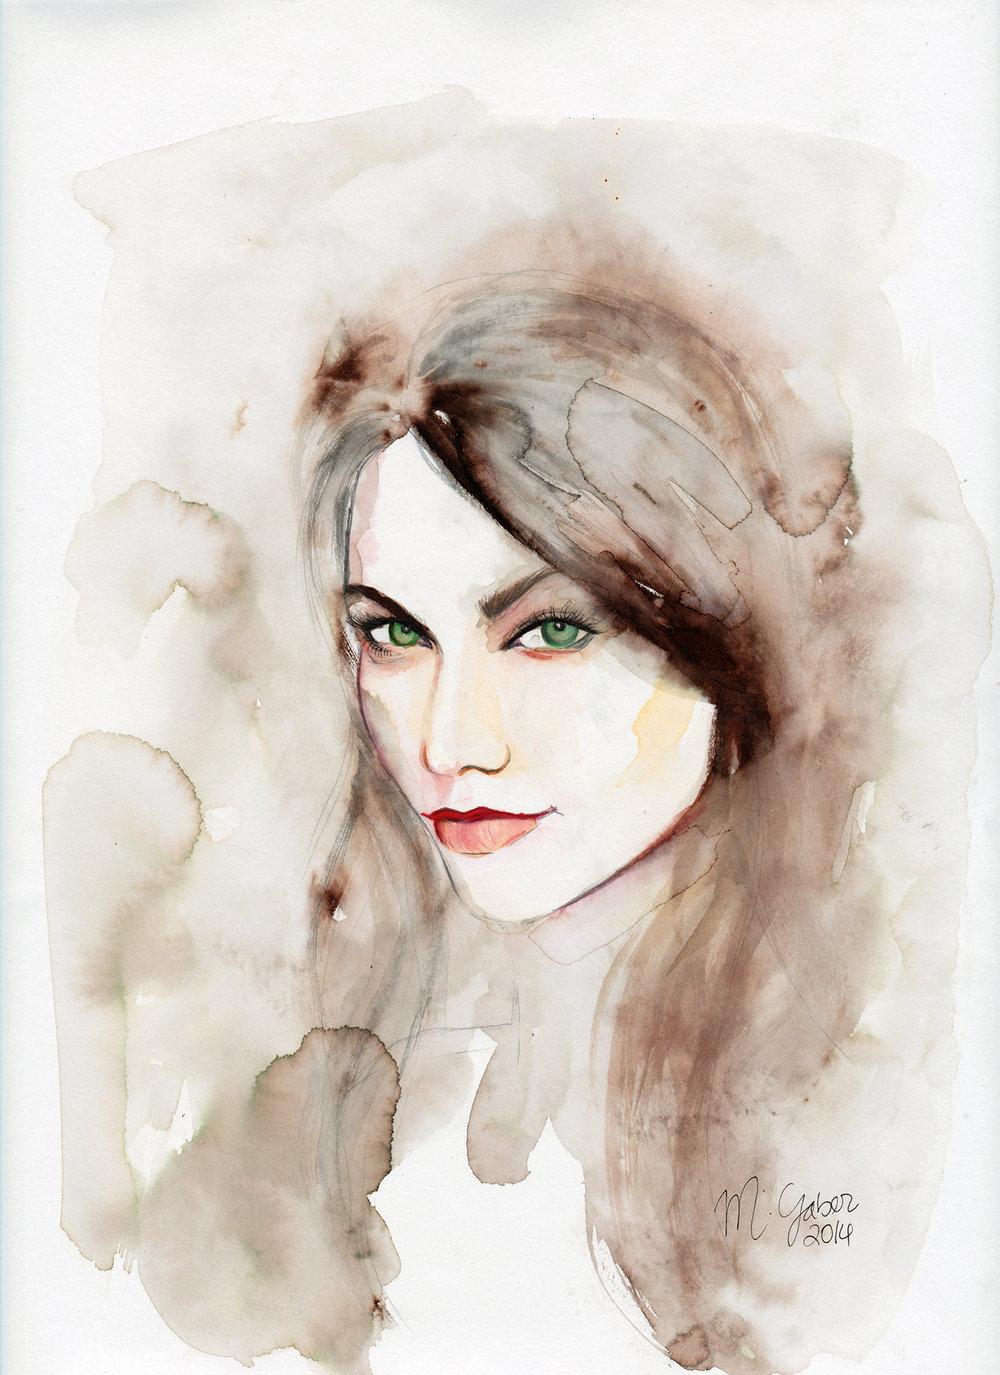 Maryam Gaber-InkPortrait-04 greeneyes-2014-1500.jpg